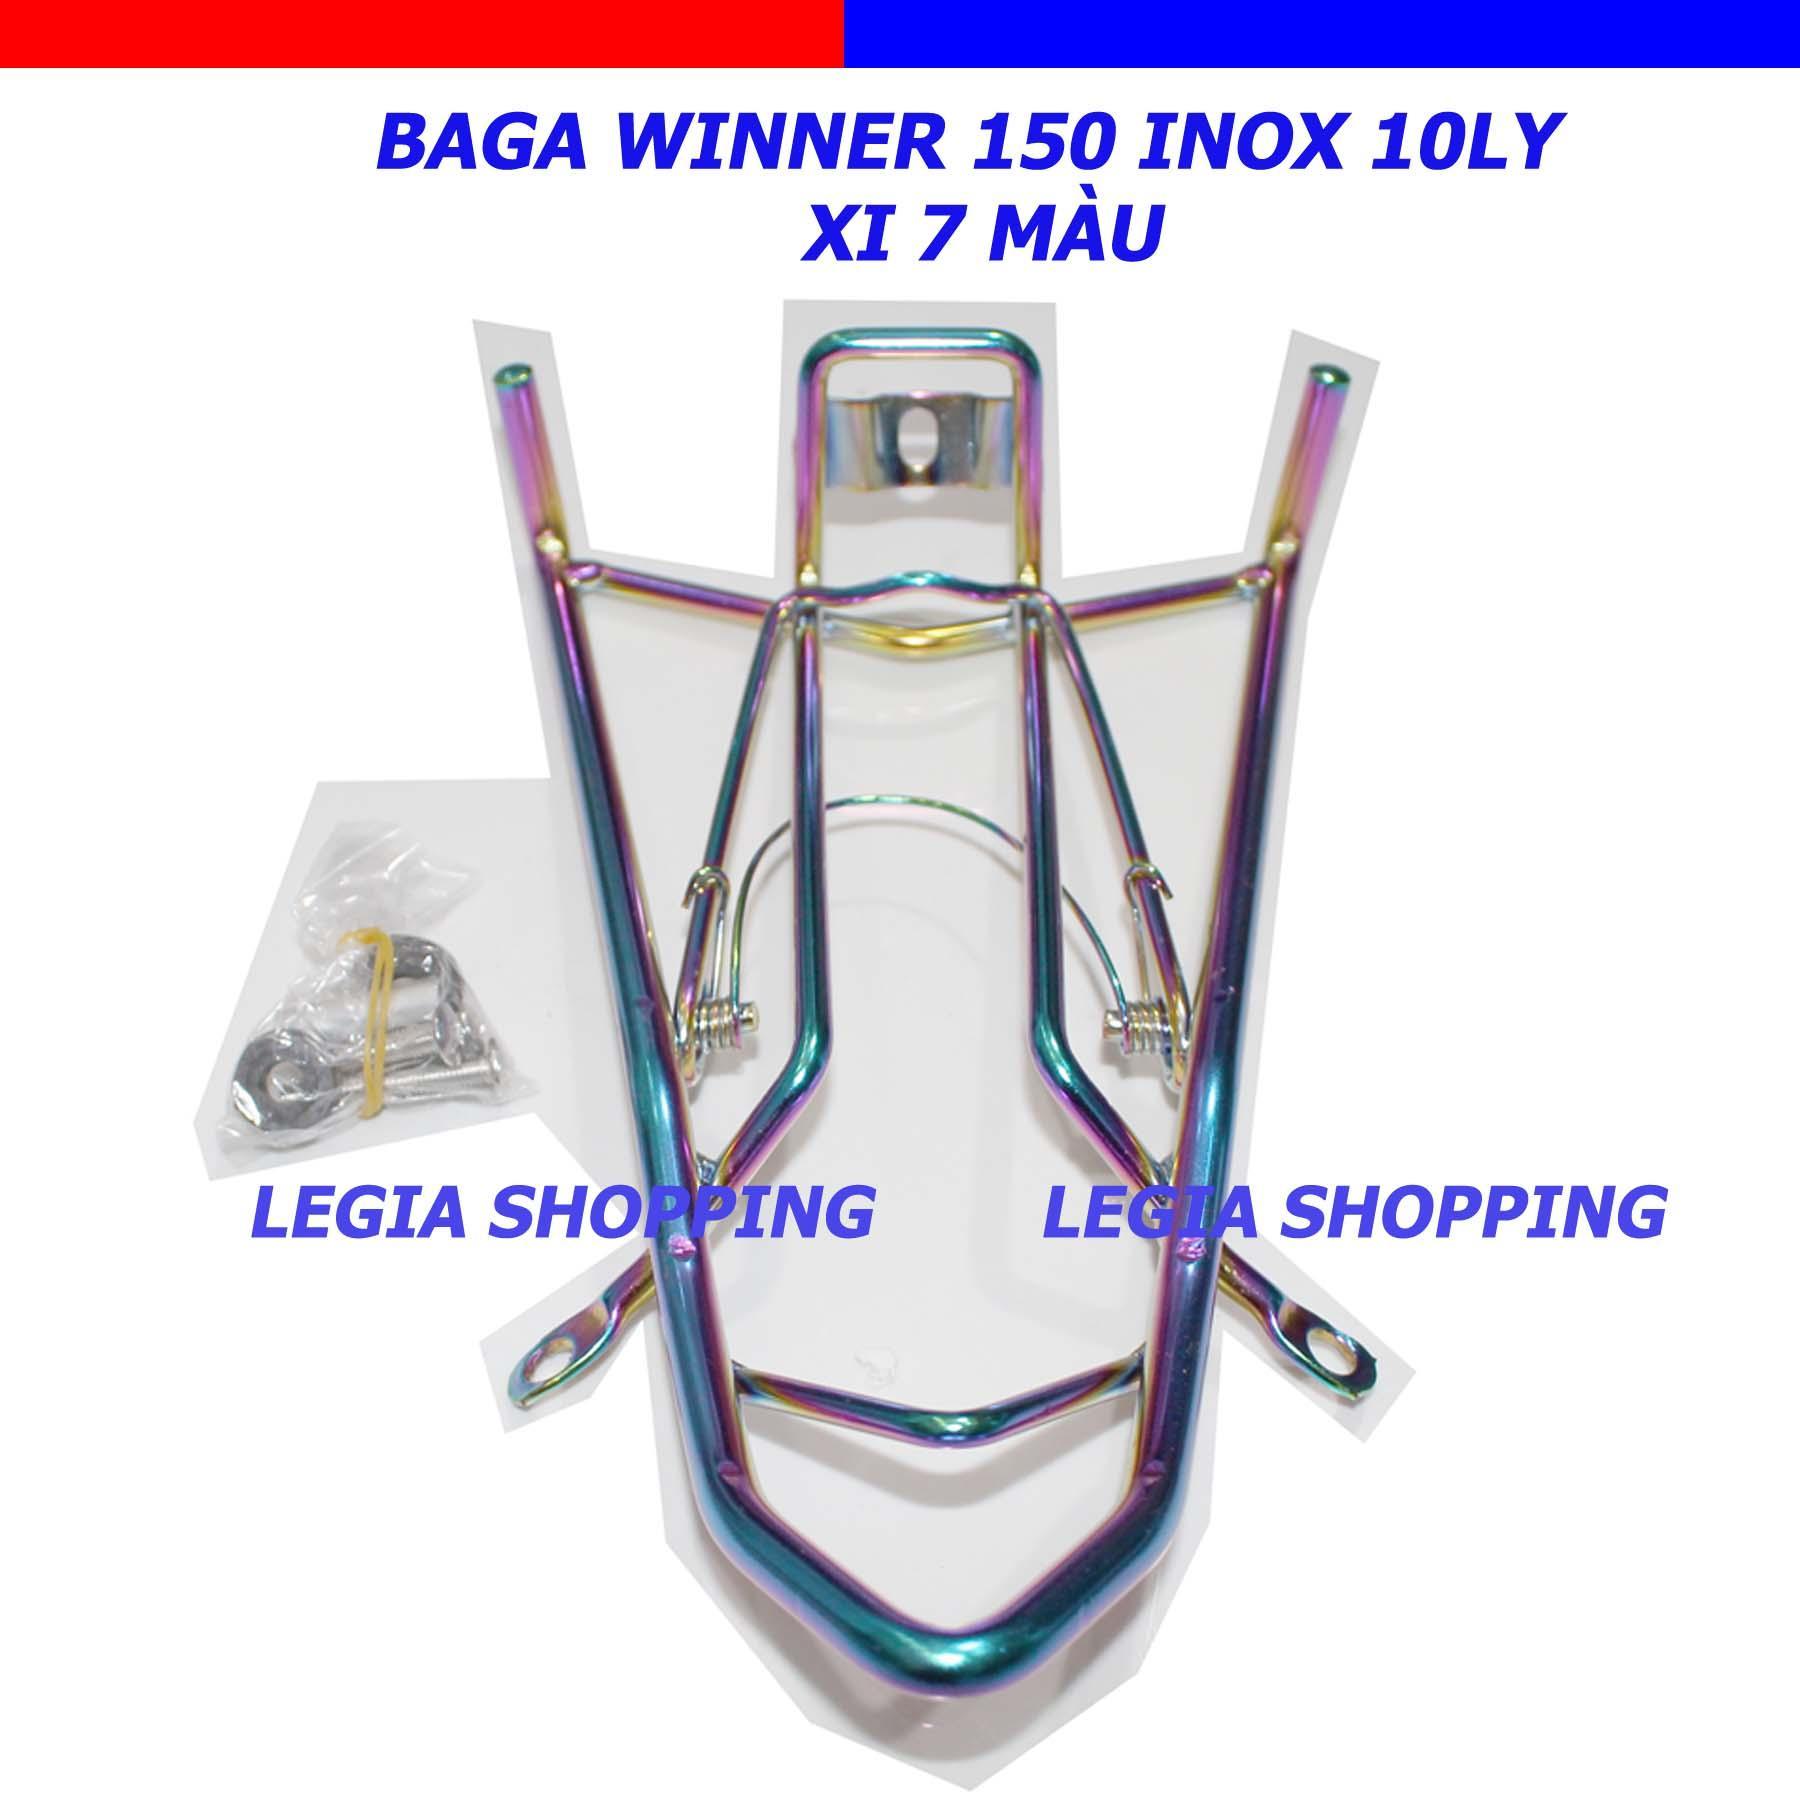 Giá Bán Baga Inox Xi 7 Mau Day 10 Ly Honda Winner 150 Nguyên No